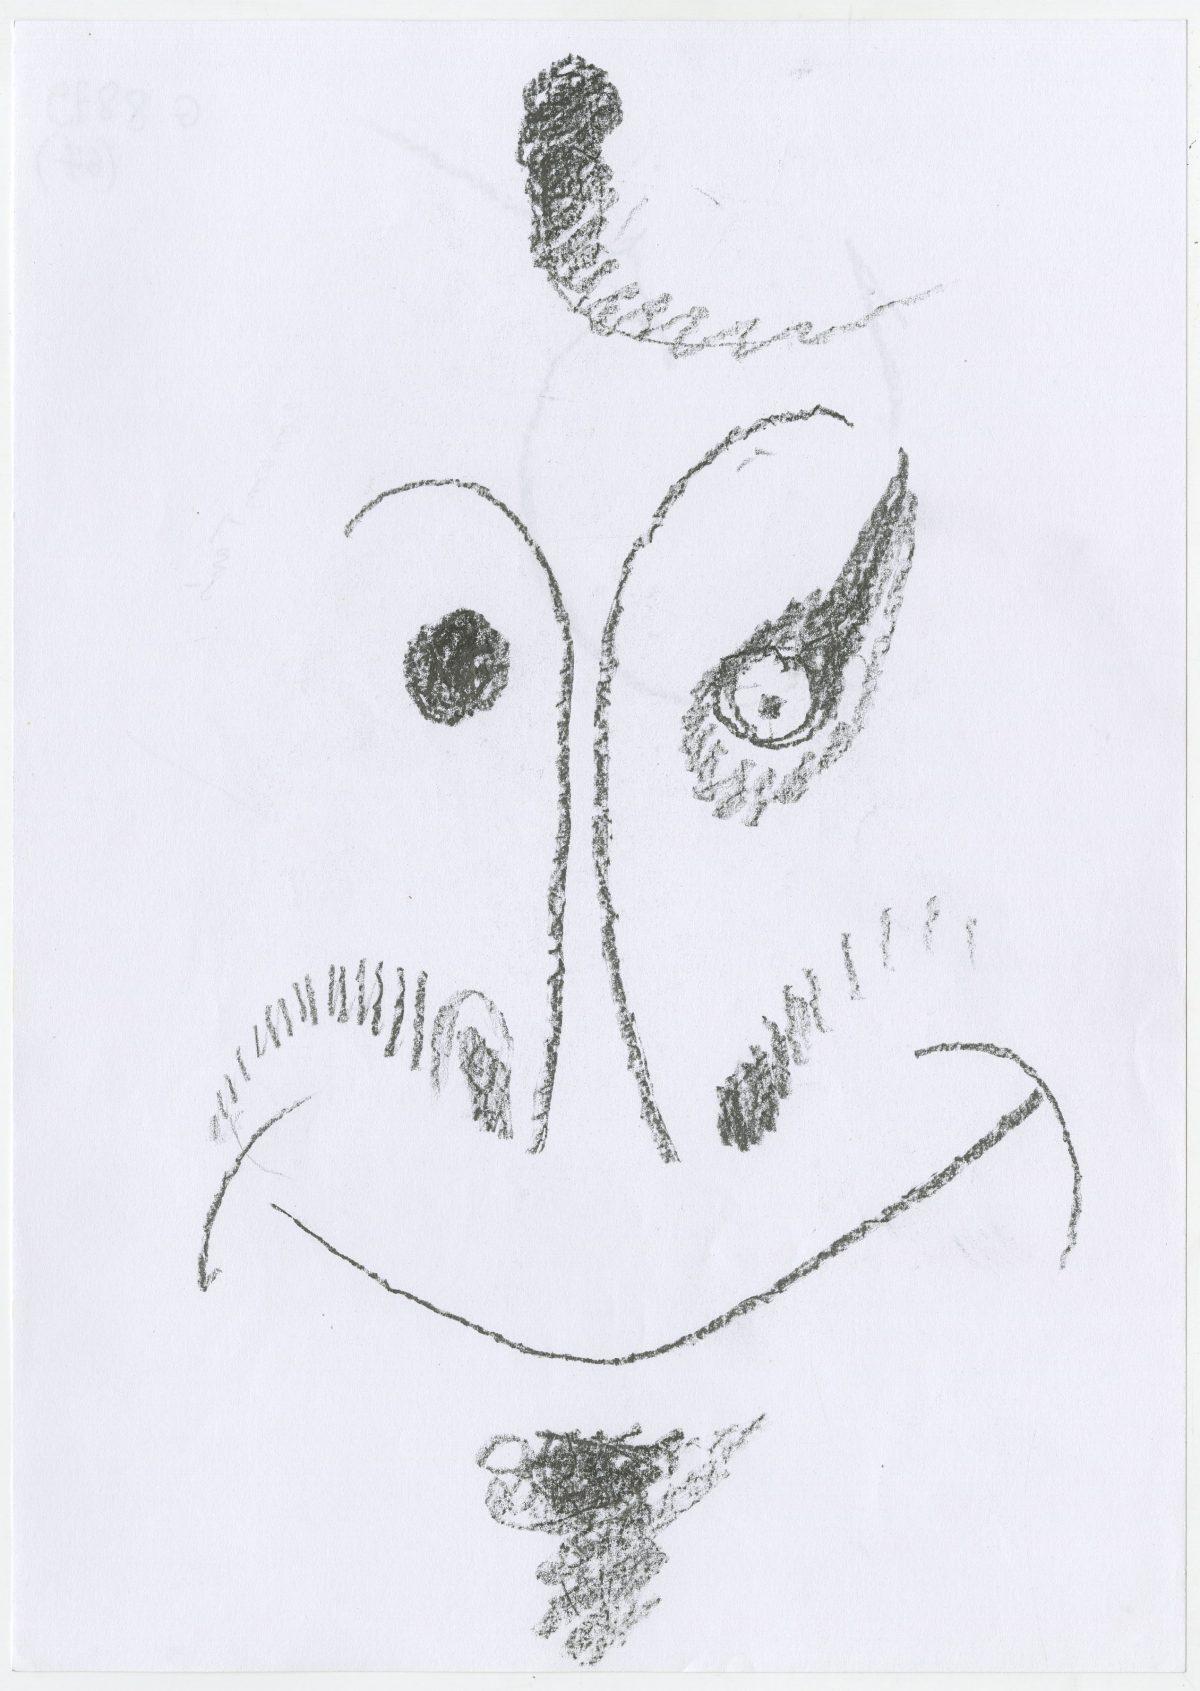 G08879(67)<br/> <b>Cím:</b> Tamás jelenti Kóciából … <br/> <b>Méret cm:</b> 29,6X21 <br/> <b>Készült:</b> 2003. <br/> <b>Technika:</b> ceruza<br/>